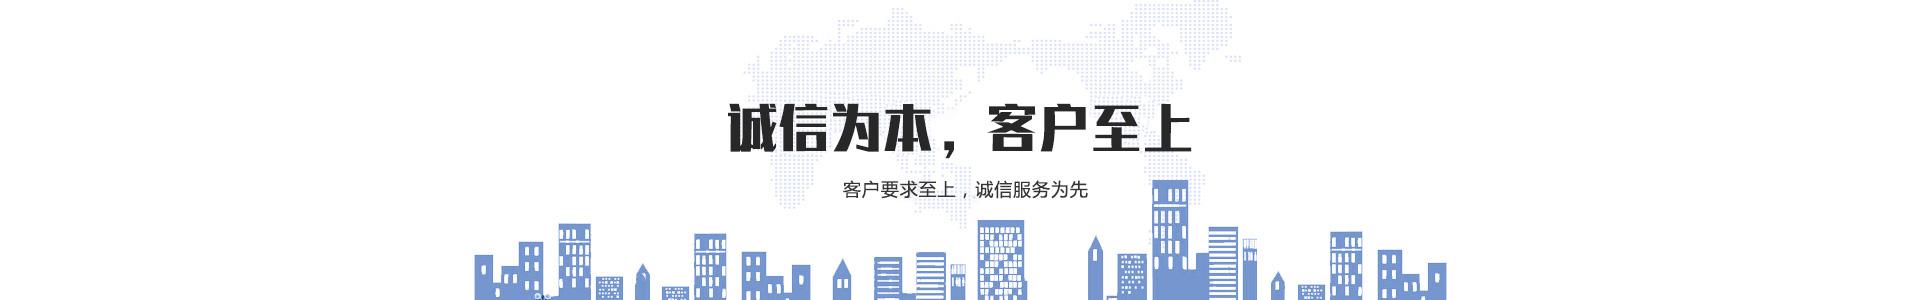 体育appbob官网建设-bob游戏官方平台建站